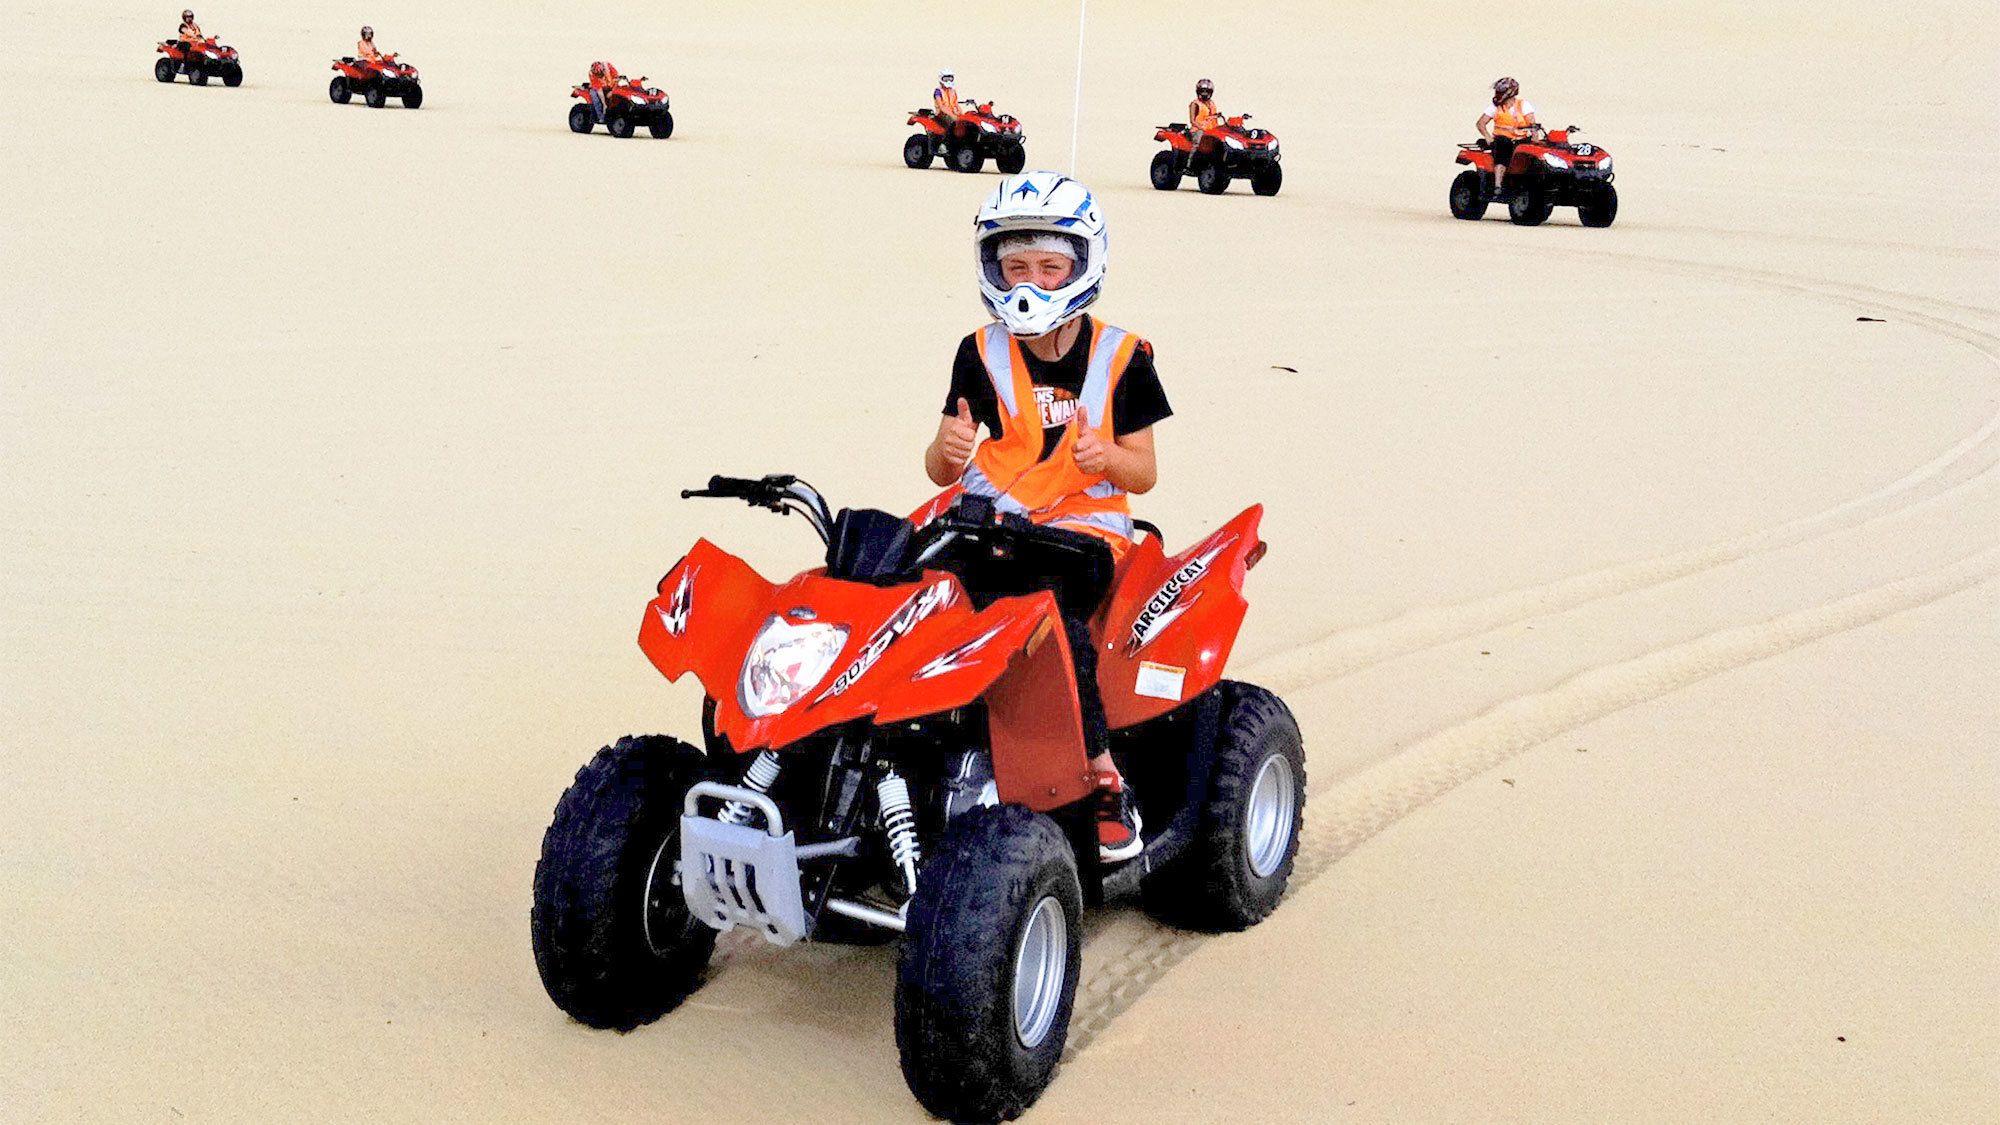 quad bike tour in New South Wales Regional, NSW, Australia